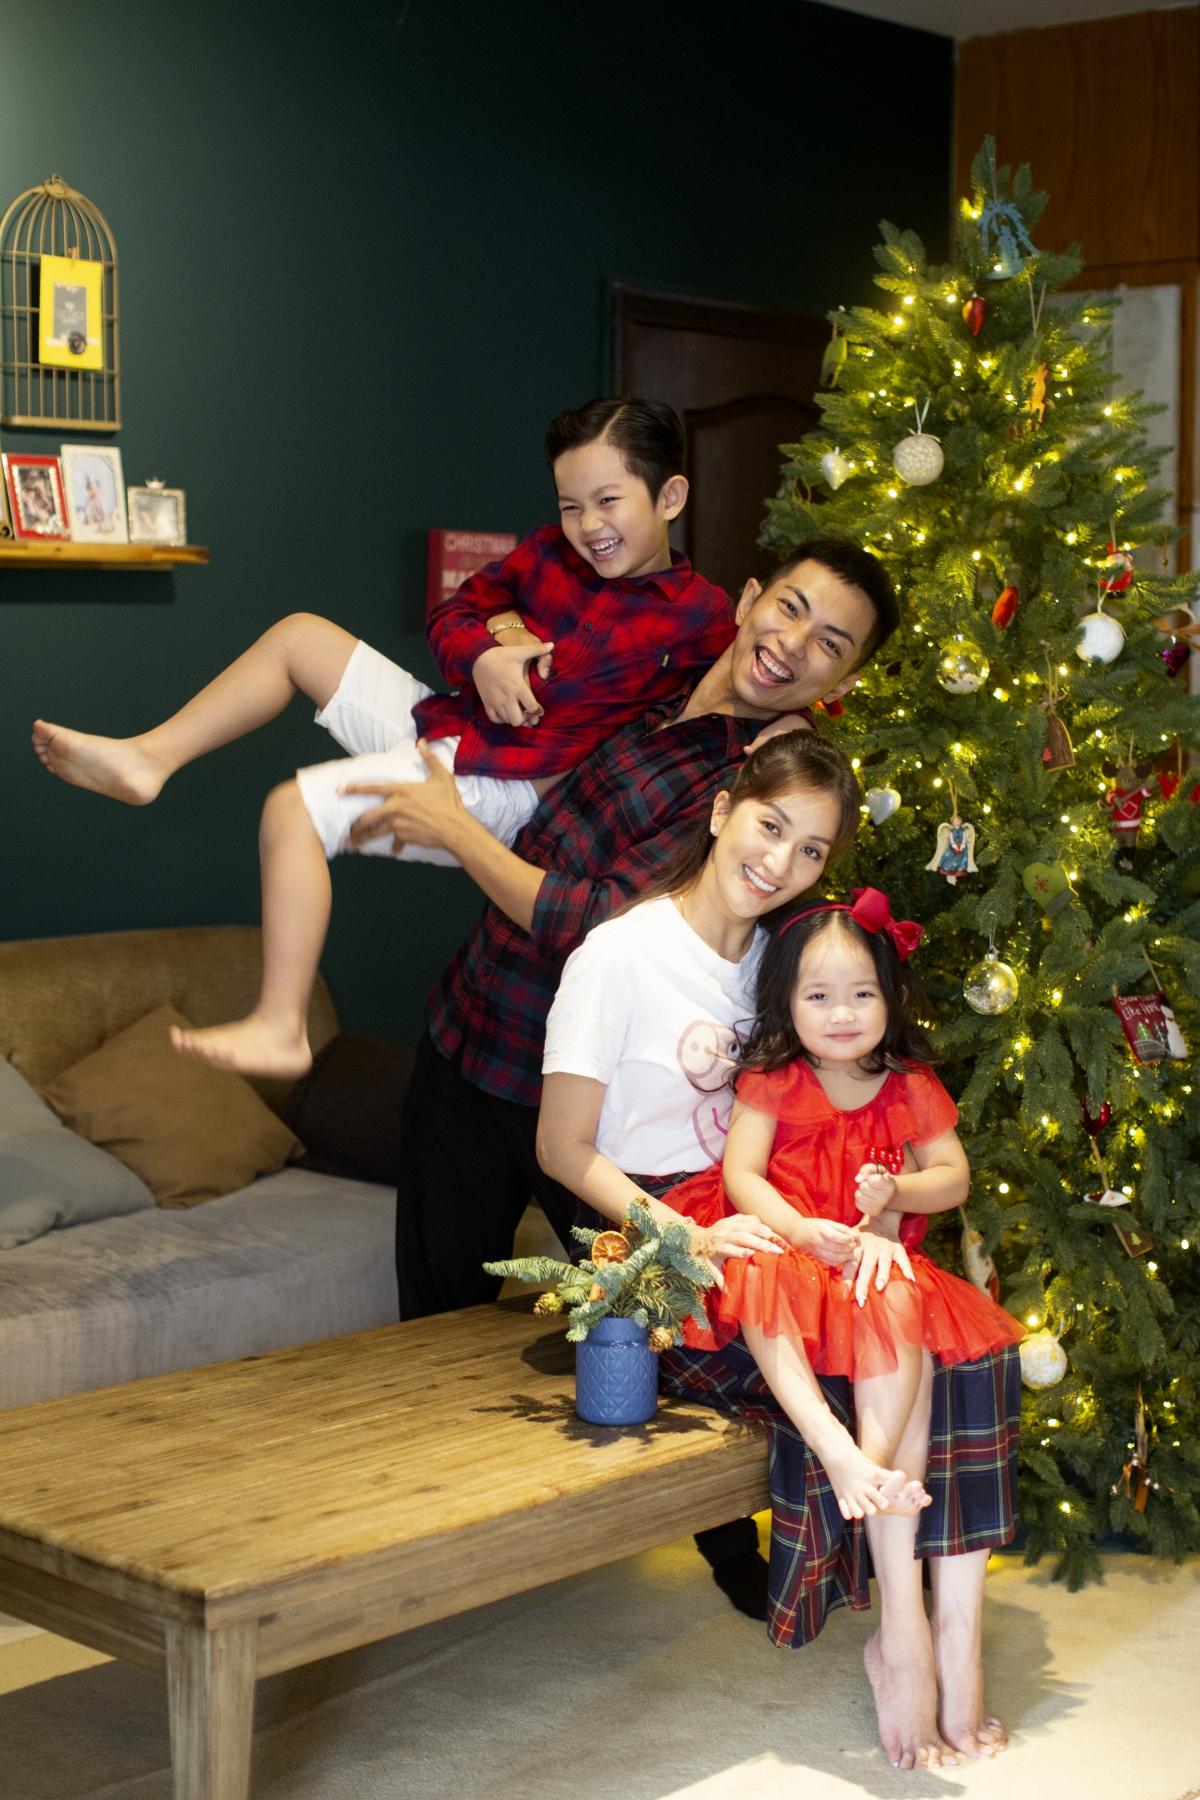 Phan Hiển còn khoe, dịp Giáng sinh, Kubi và Anna sẽ biểu diễn văn nghệ tại trường. Đây là lần đầu tiên hai anh em diễn chung trên sân khấu. Cả hai cùng học ở một trường mẫu giáo quốc tế, chỉ khác lớp. Vợ chồng Phan Hiển sẽ có mặt ở dưới hàng ghế khán giả để cổ vũ cho cả hai con.